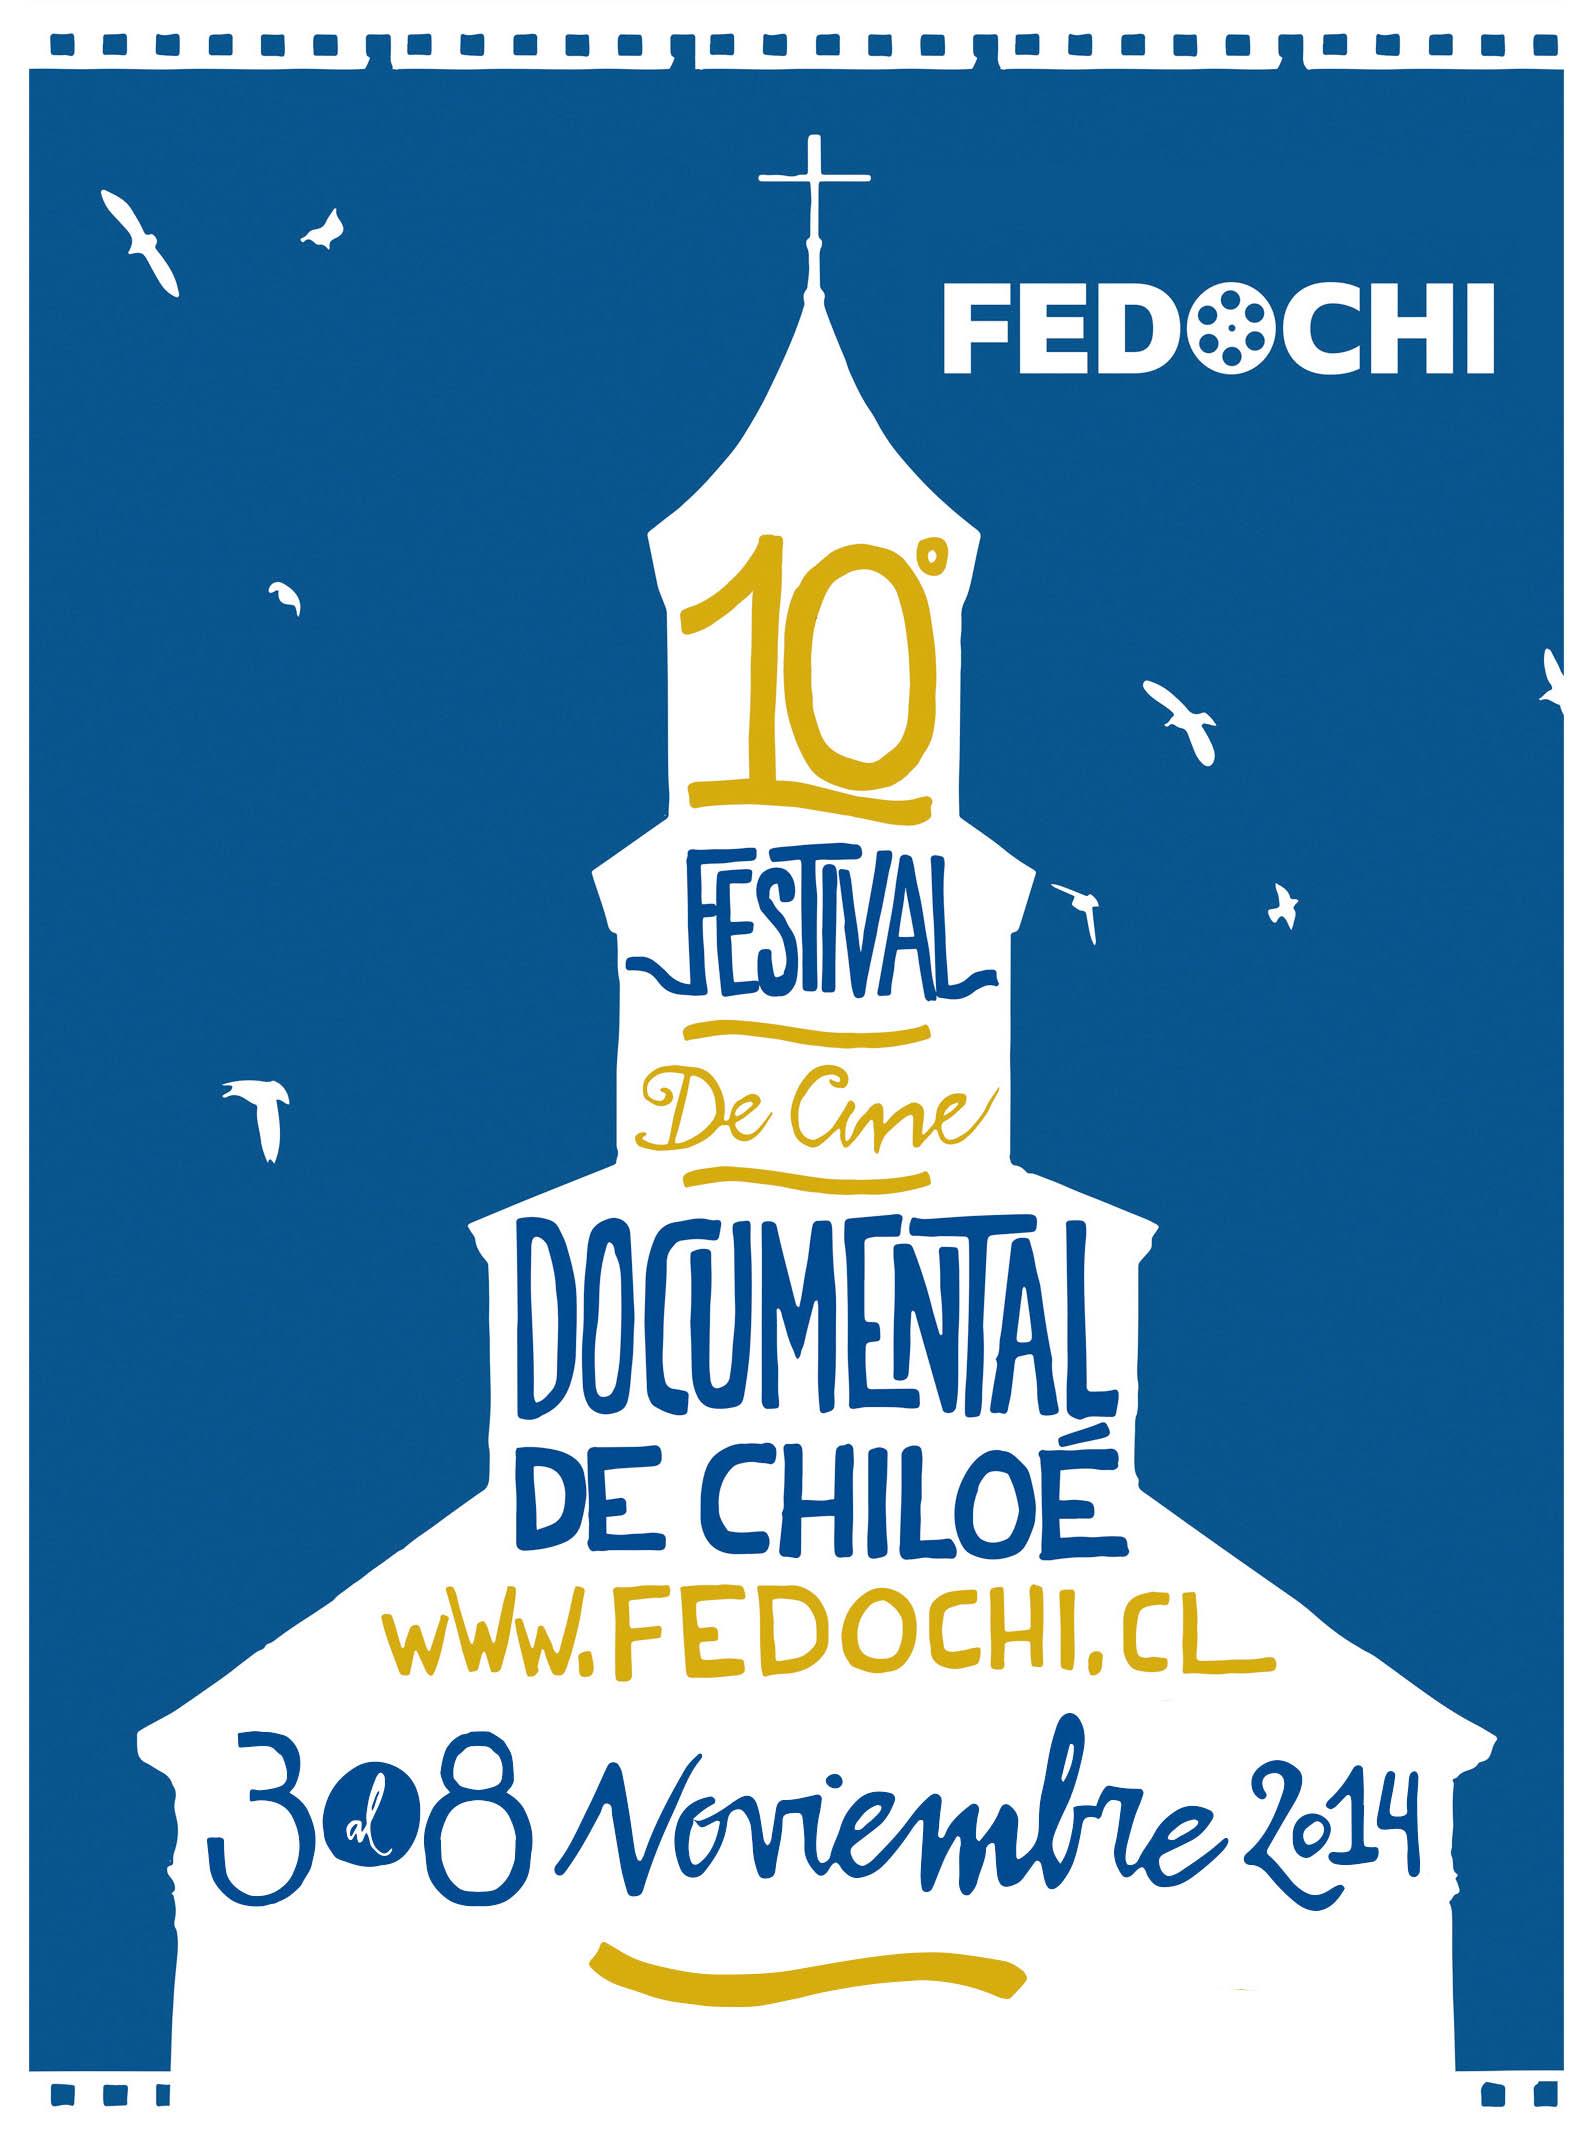 Comienza la 10ª Versión del Festival de Cine Documental de Chiloé (FEDOCHI)